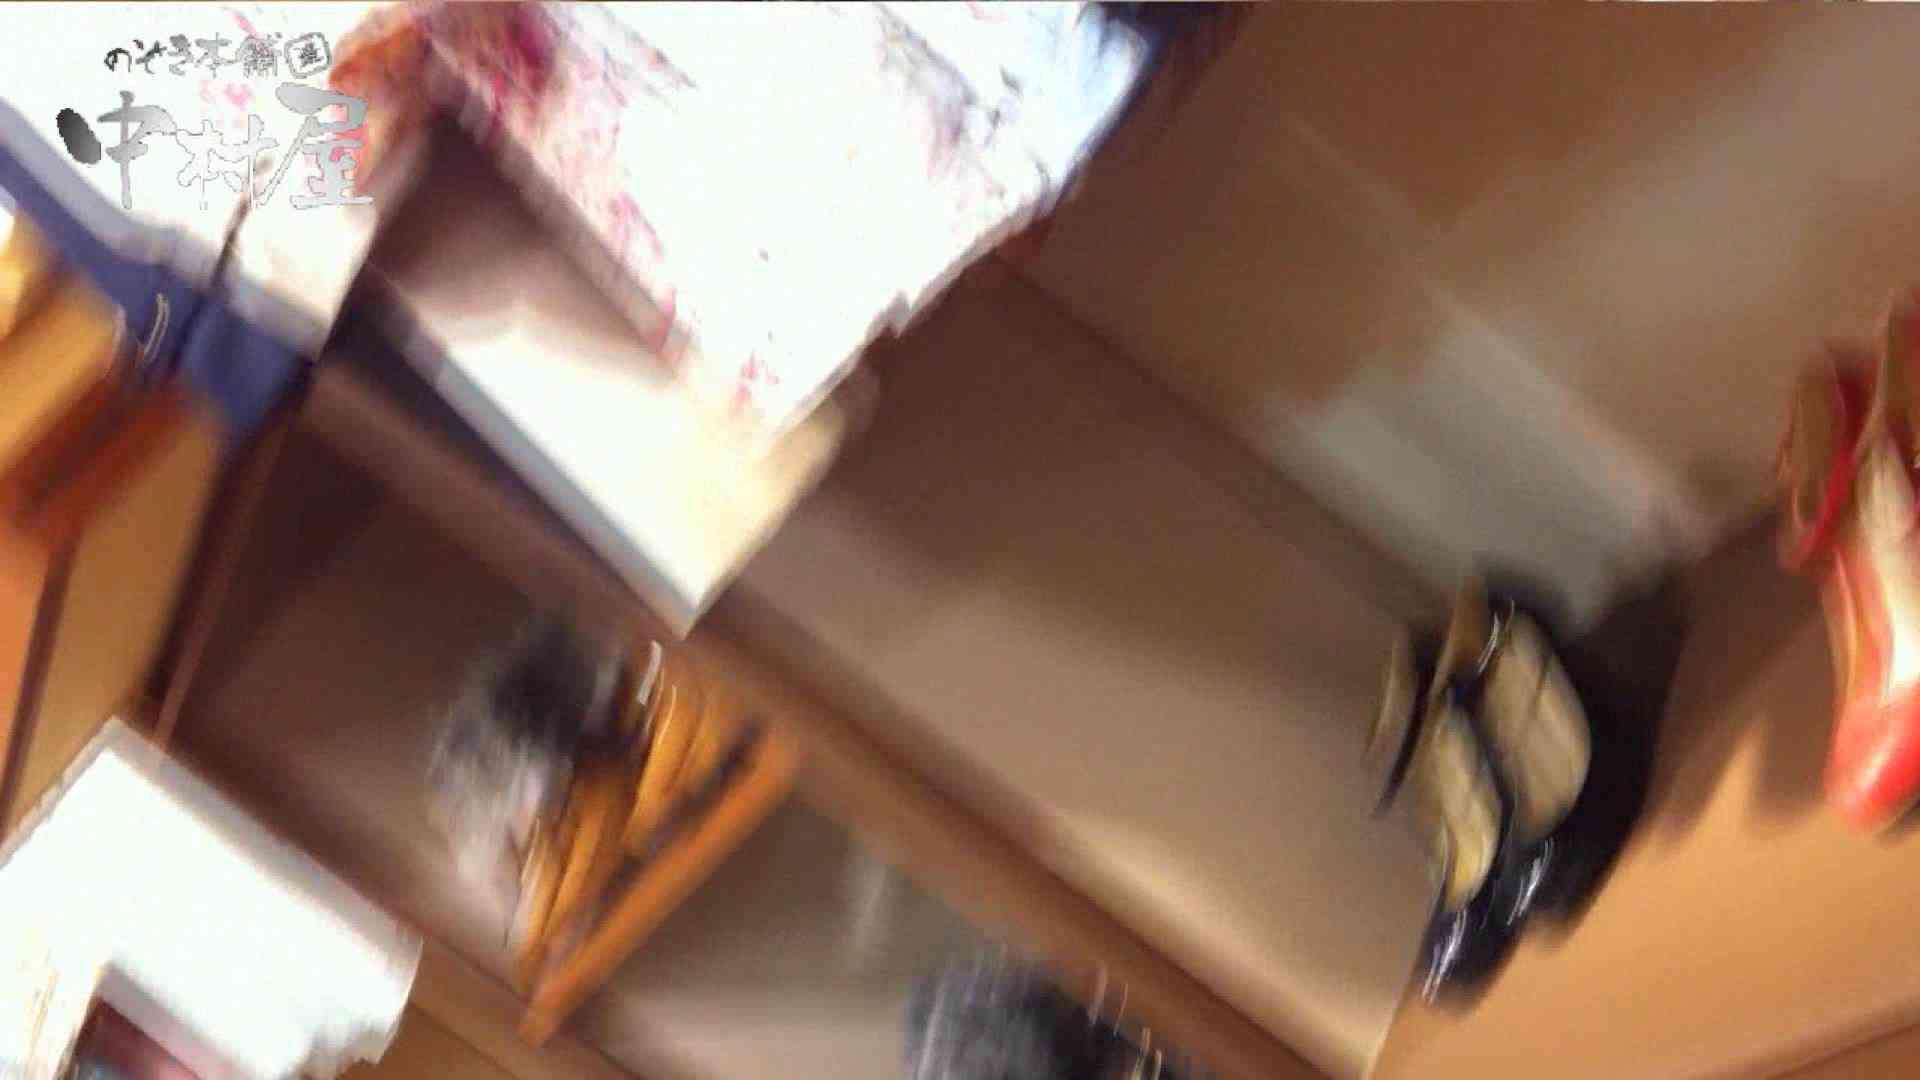 vol.57 美人アパレル胸チラ&パンチラ 激カワ店員のおっぱい チラ われめAV動画紹介 50連発 48